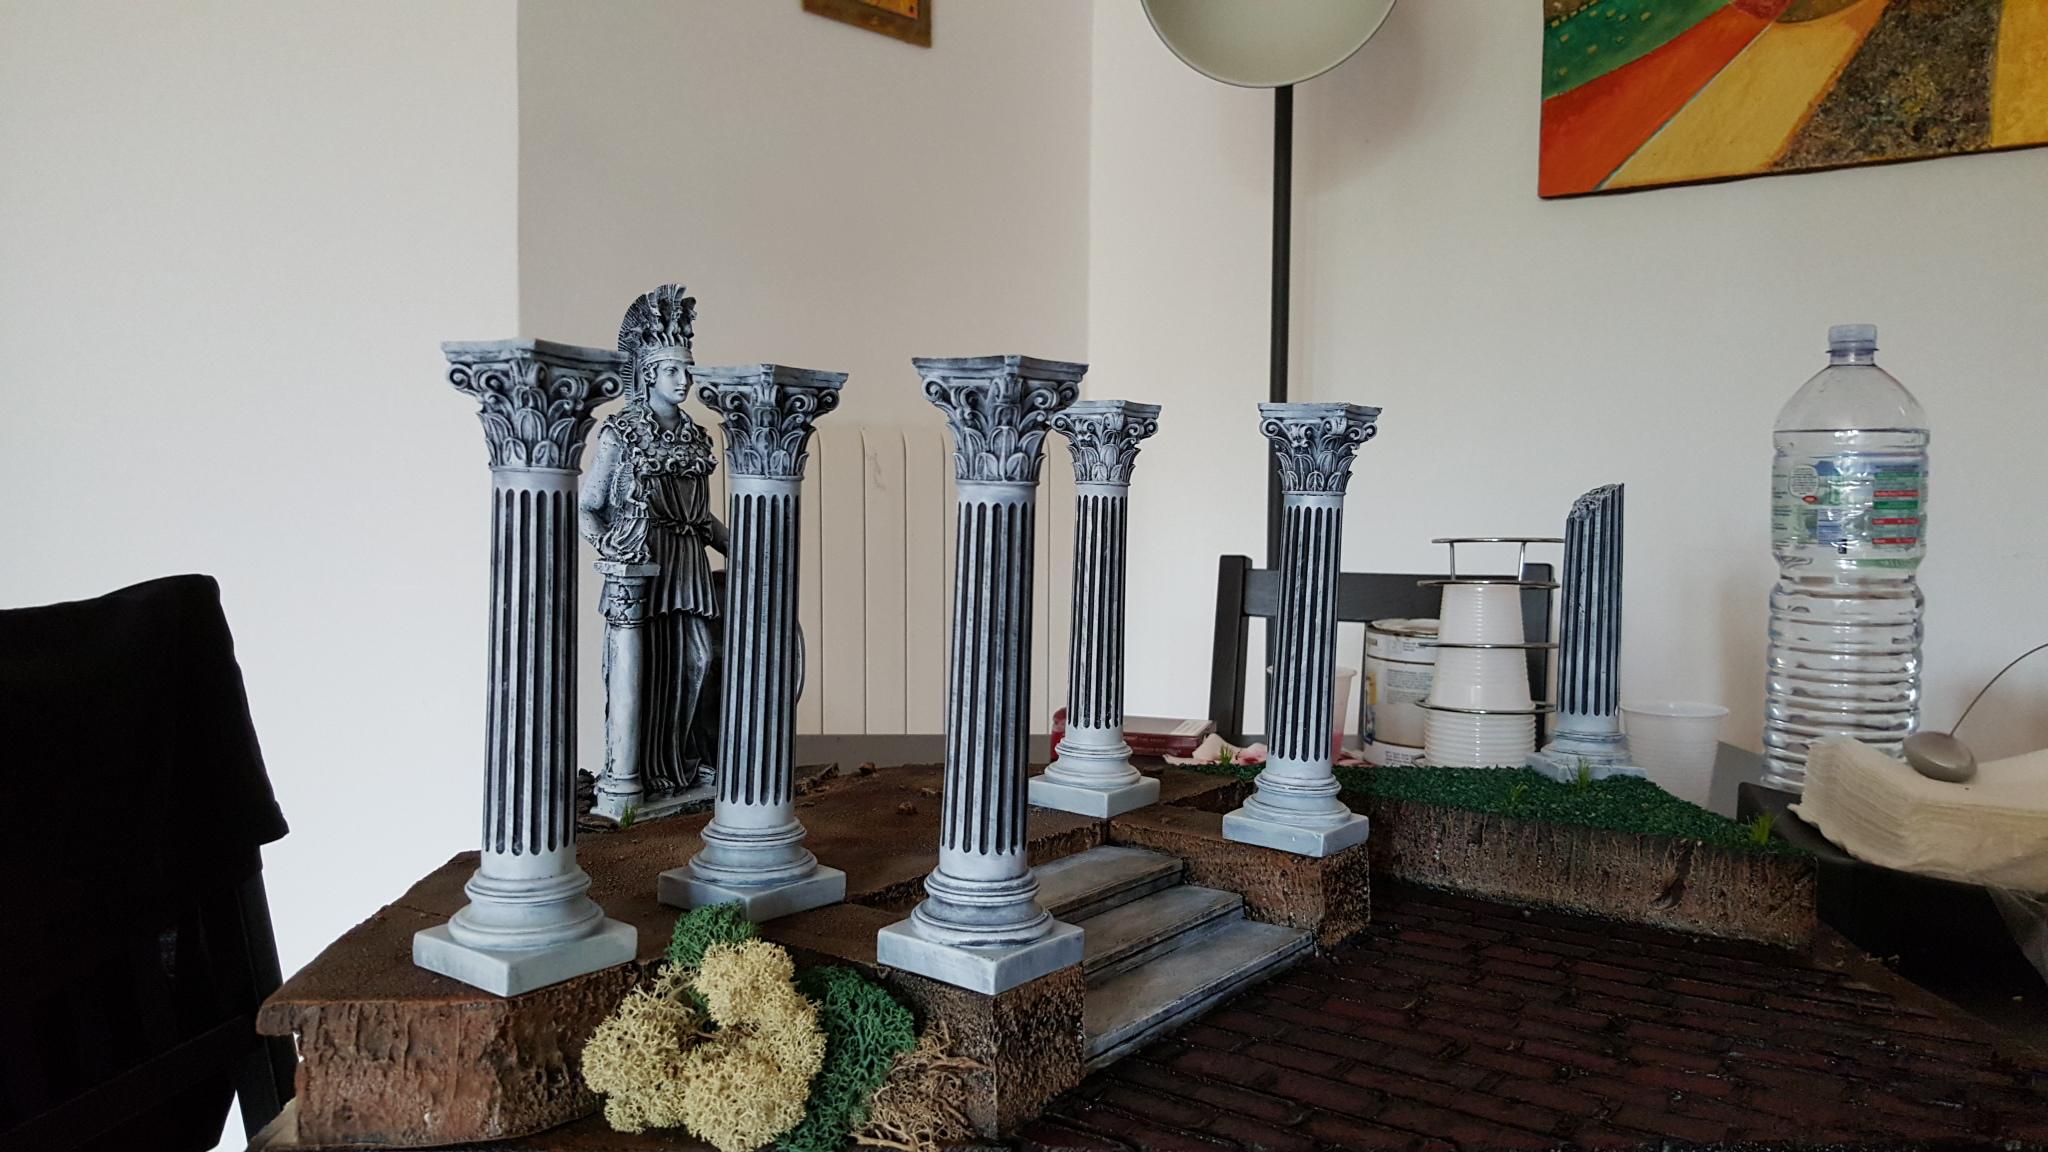 consiglio colorazione mattoni per diorama athena e cavalieri di bronzo